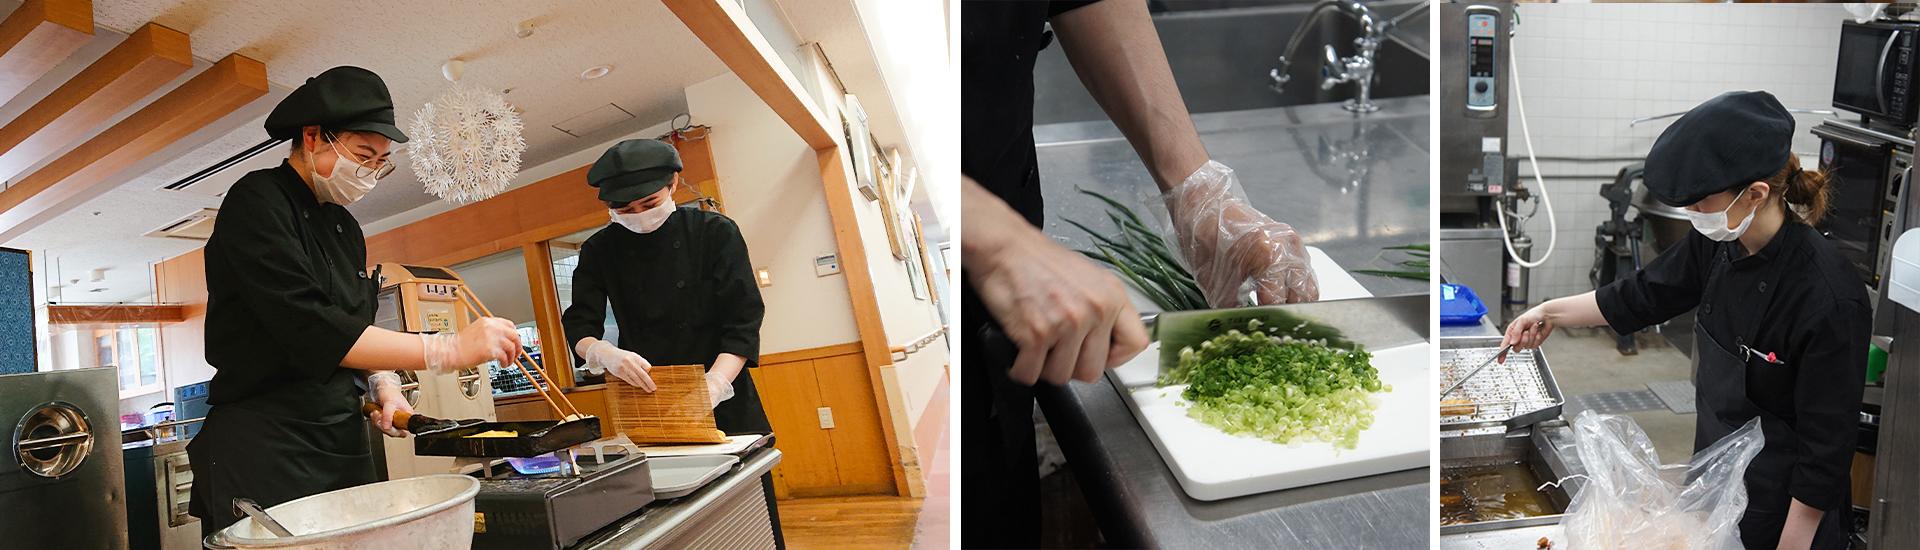 泉北園百寿荘のキッチン業務のようす